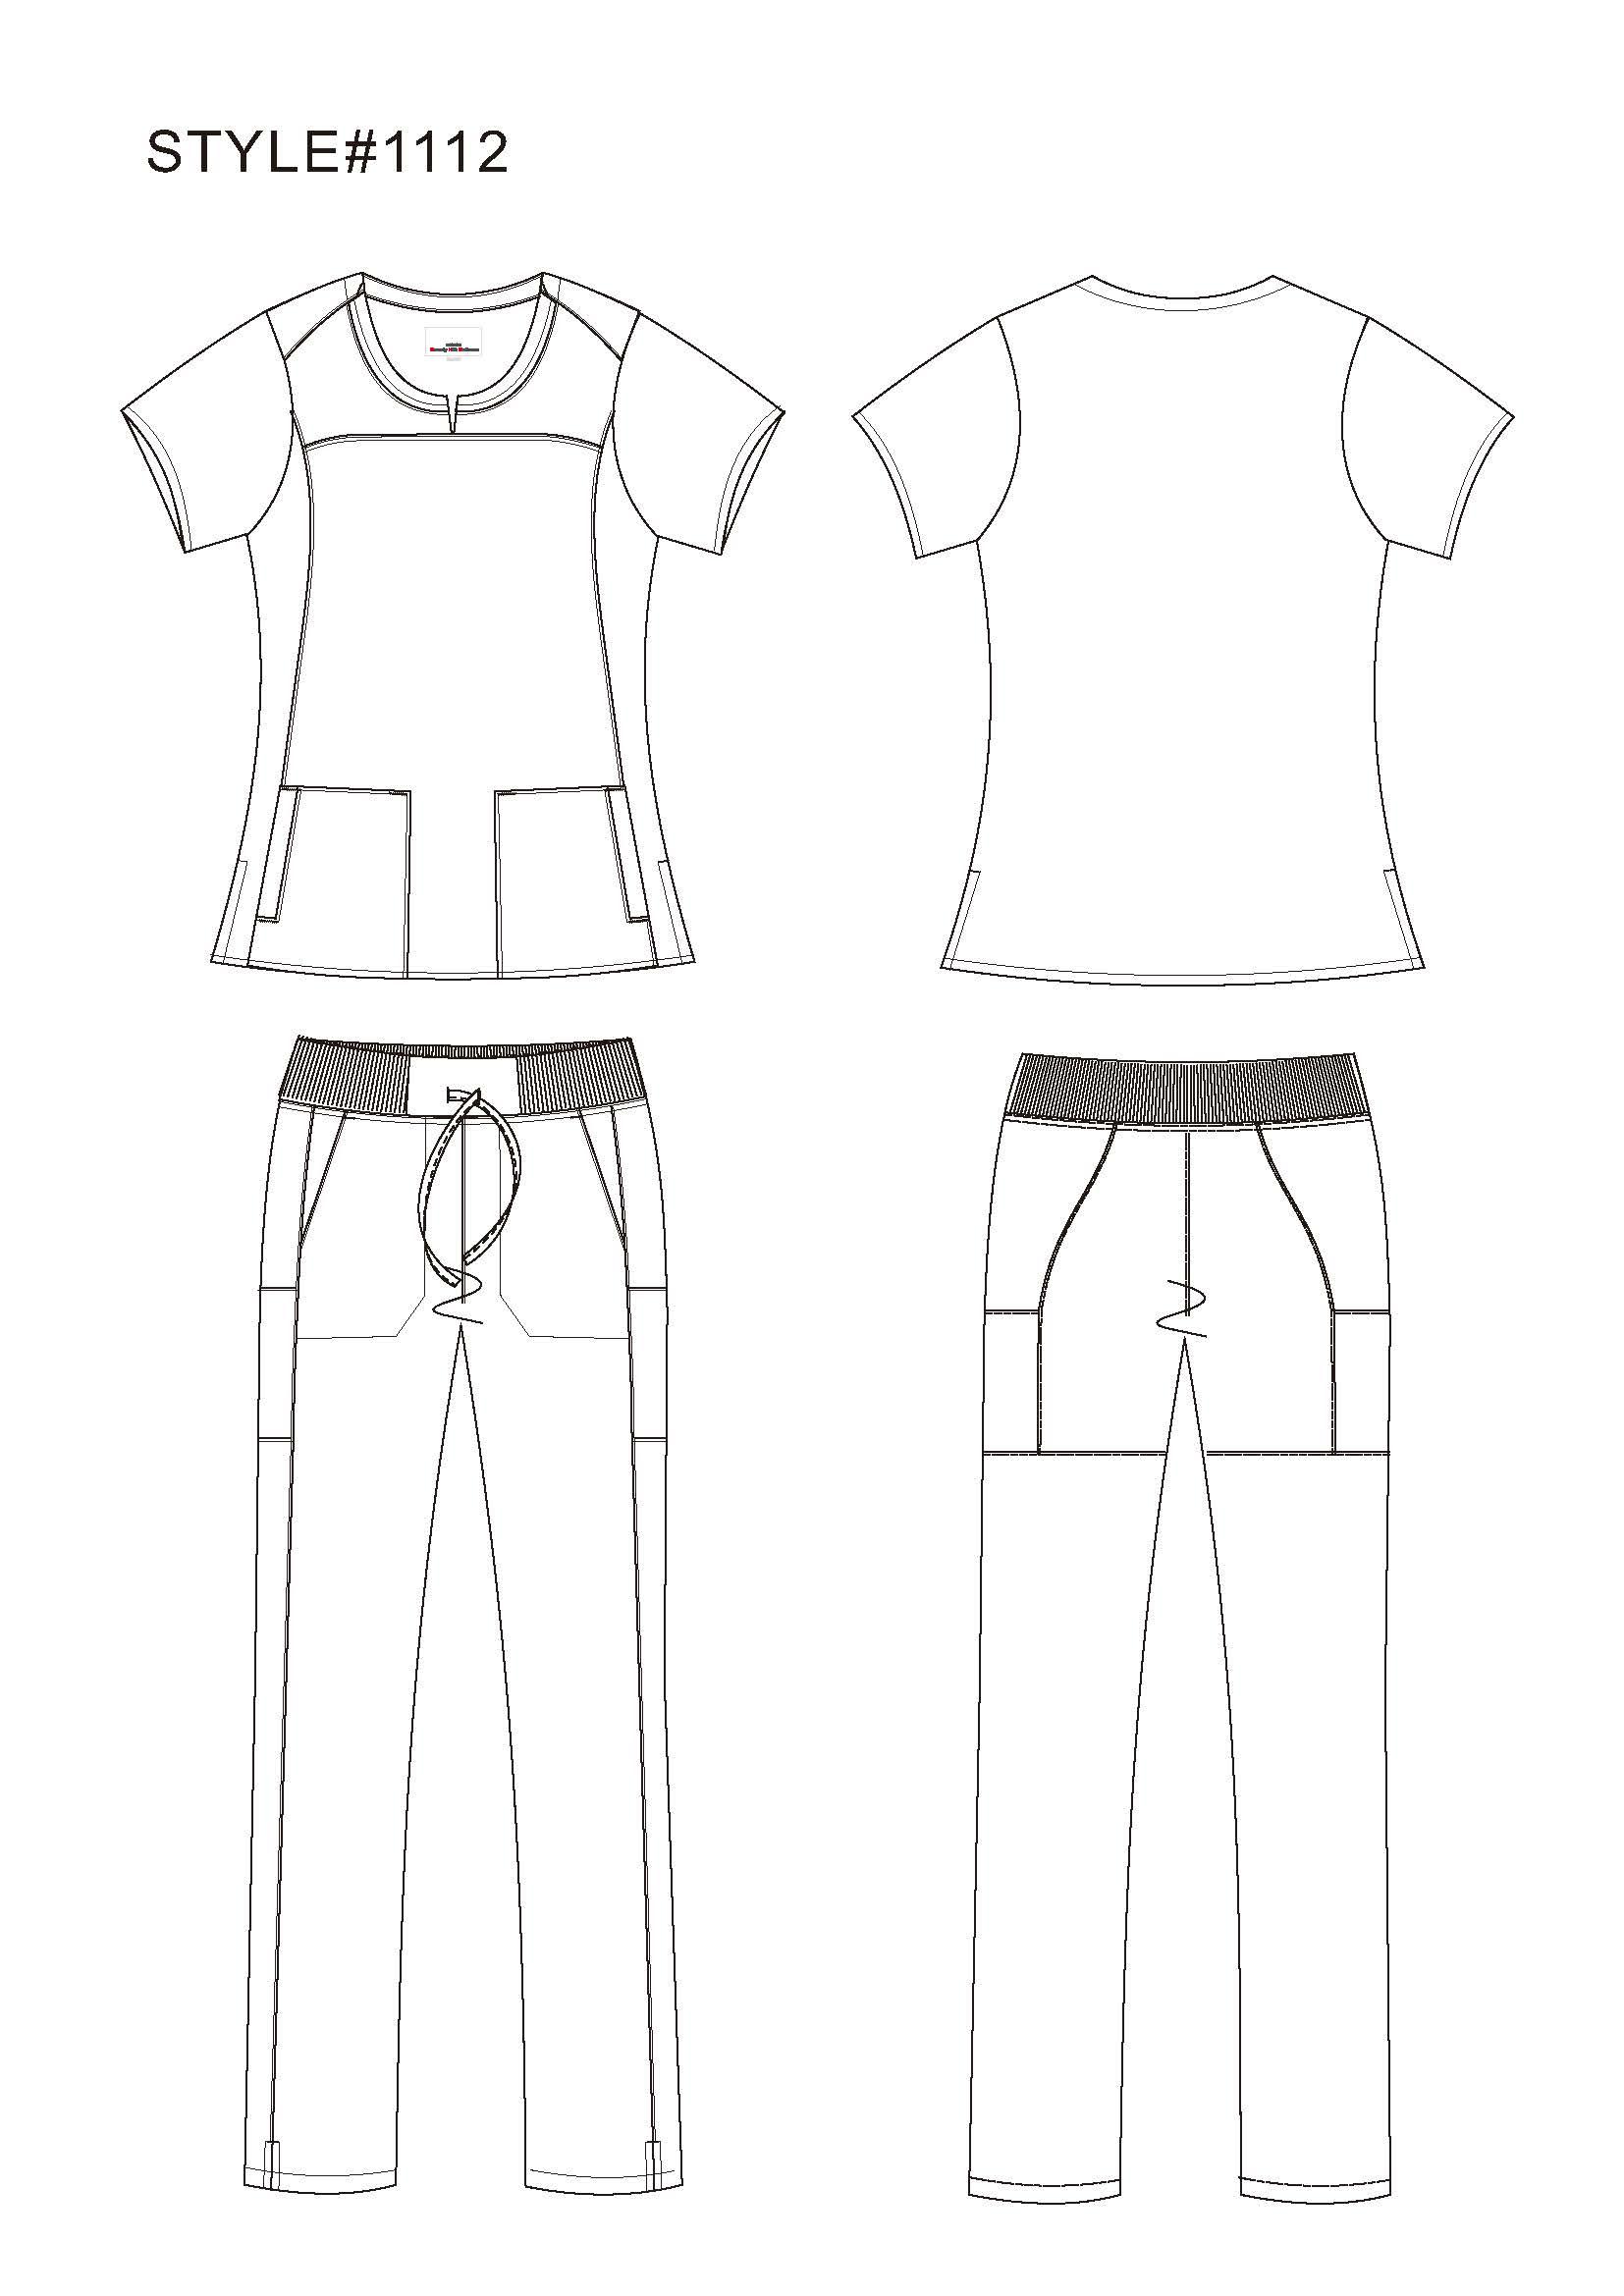 1112 sketch